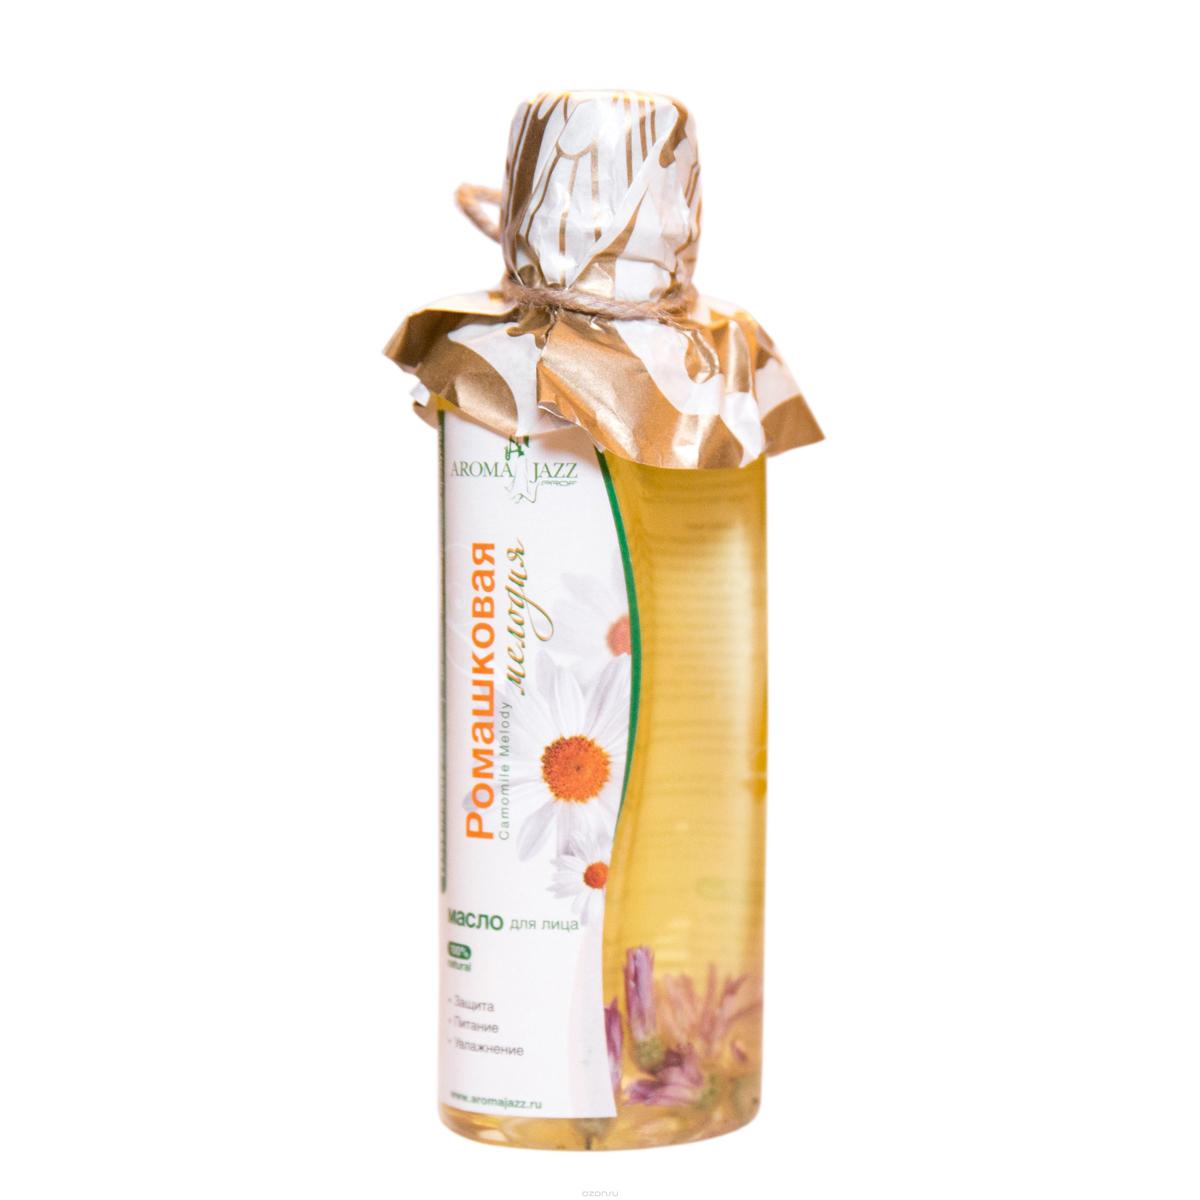 Aroma Jazz Масло жидкое для лица Ромашковая мелодия, 200 мл2105Действие: снимает раздражение, воспаление, зуд, разглаживает морщины, обладает легким отбеливающим действием и восстанавливает упругость кожи. Масло ромашки — прекрасное успокаивающее и противовоспалительное средство. Оно эффективно при кожной аллергии и может использоваться для профилактики кожных заболеваний в качестве дополнительного средства местной терапии. Масло способствует устранению раздражительности, избавляет от усталости и перевозбуждения, снимает нервные напряжения и устраняет бессонницу. Противопоказания аллергическая реакция на составляющие компоненты. Срок хранения 24 месяца. После вскрытия упаковки рекомендуется использование помпы, использовать в течение 6 месяцев. Не рекомендуется снимать помпу до завершения использования.